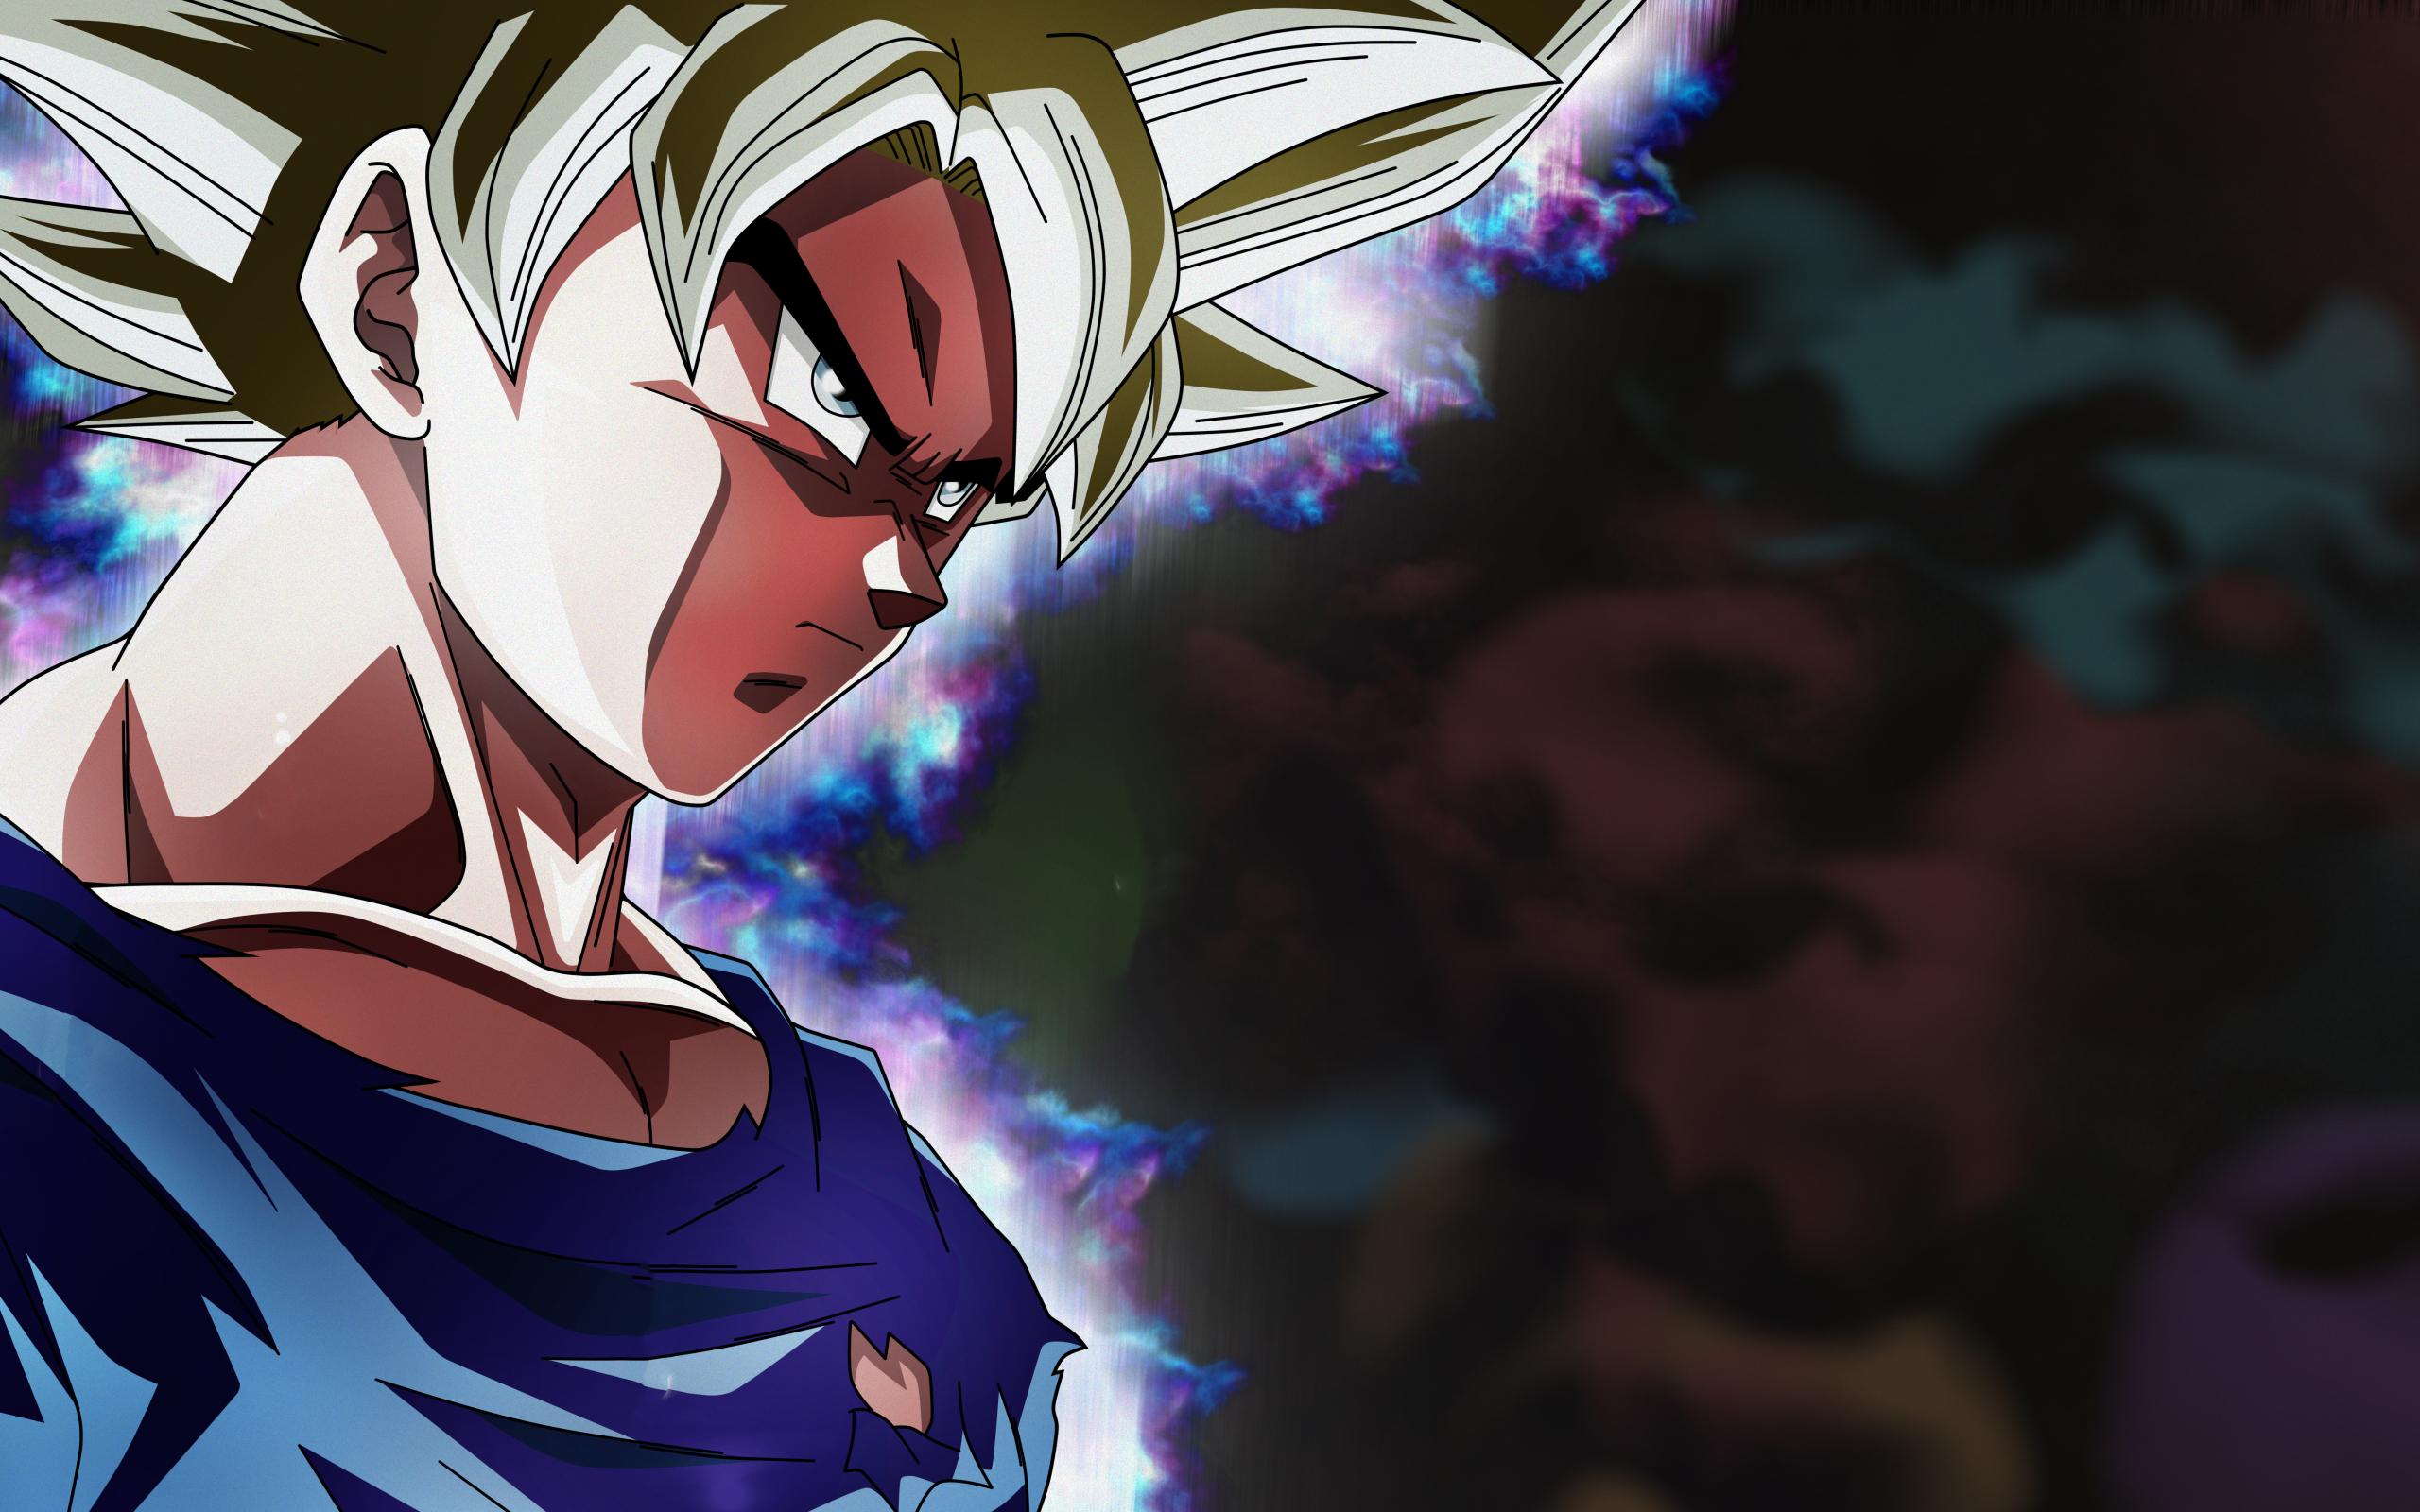 2560x1600 Angry Goku Dragon Ball Super 2560x1600 Resolution